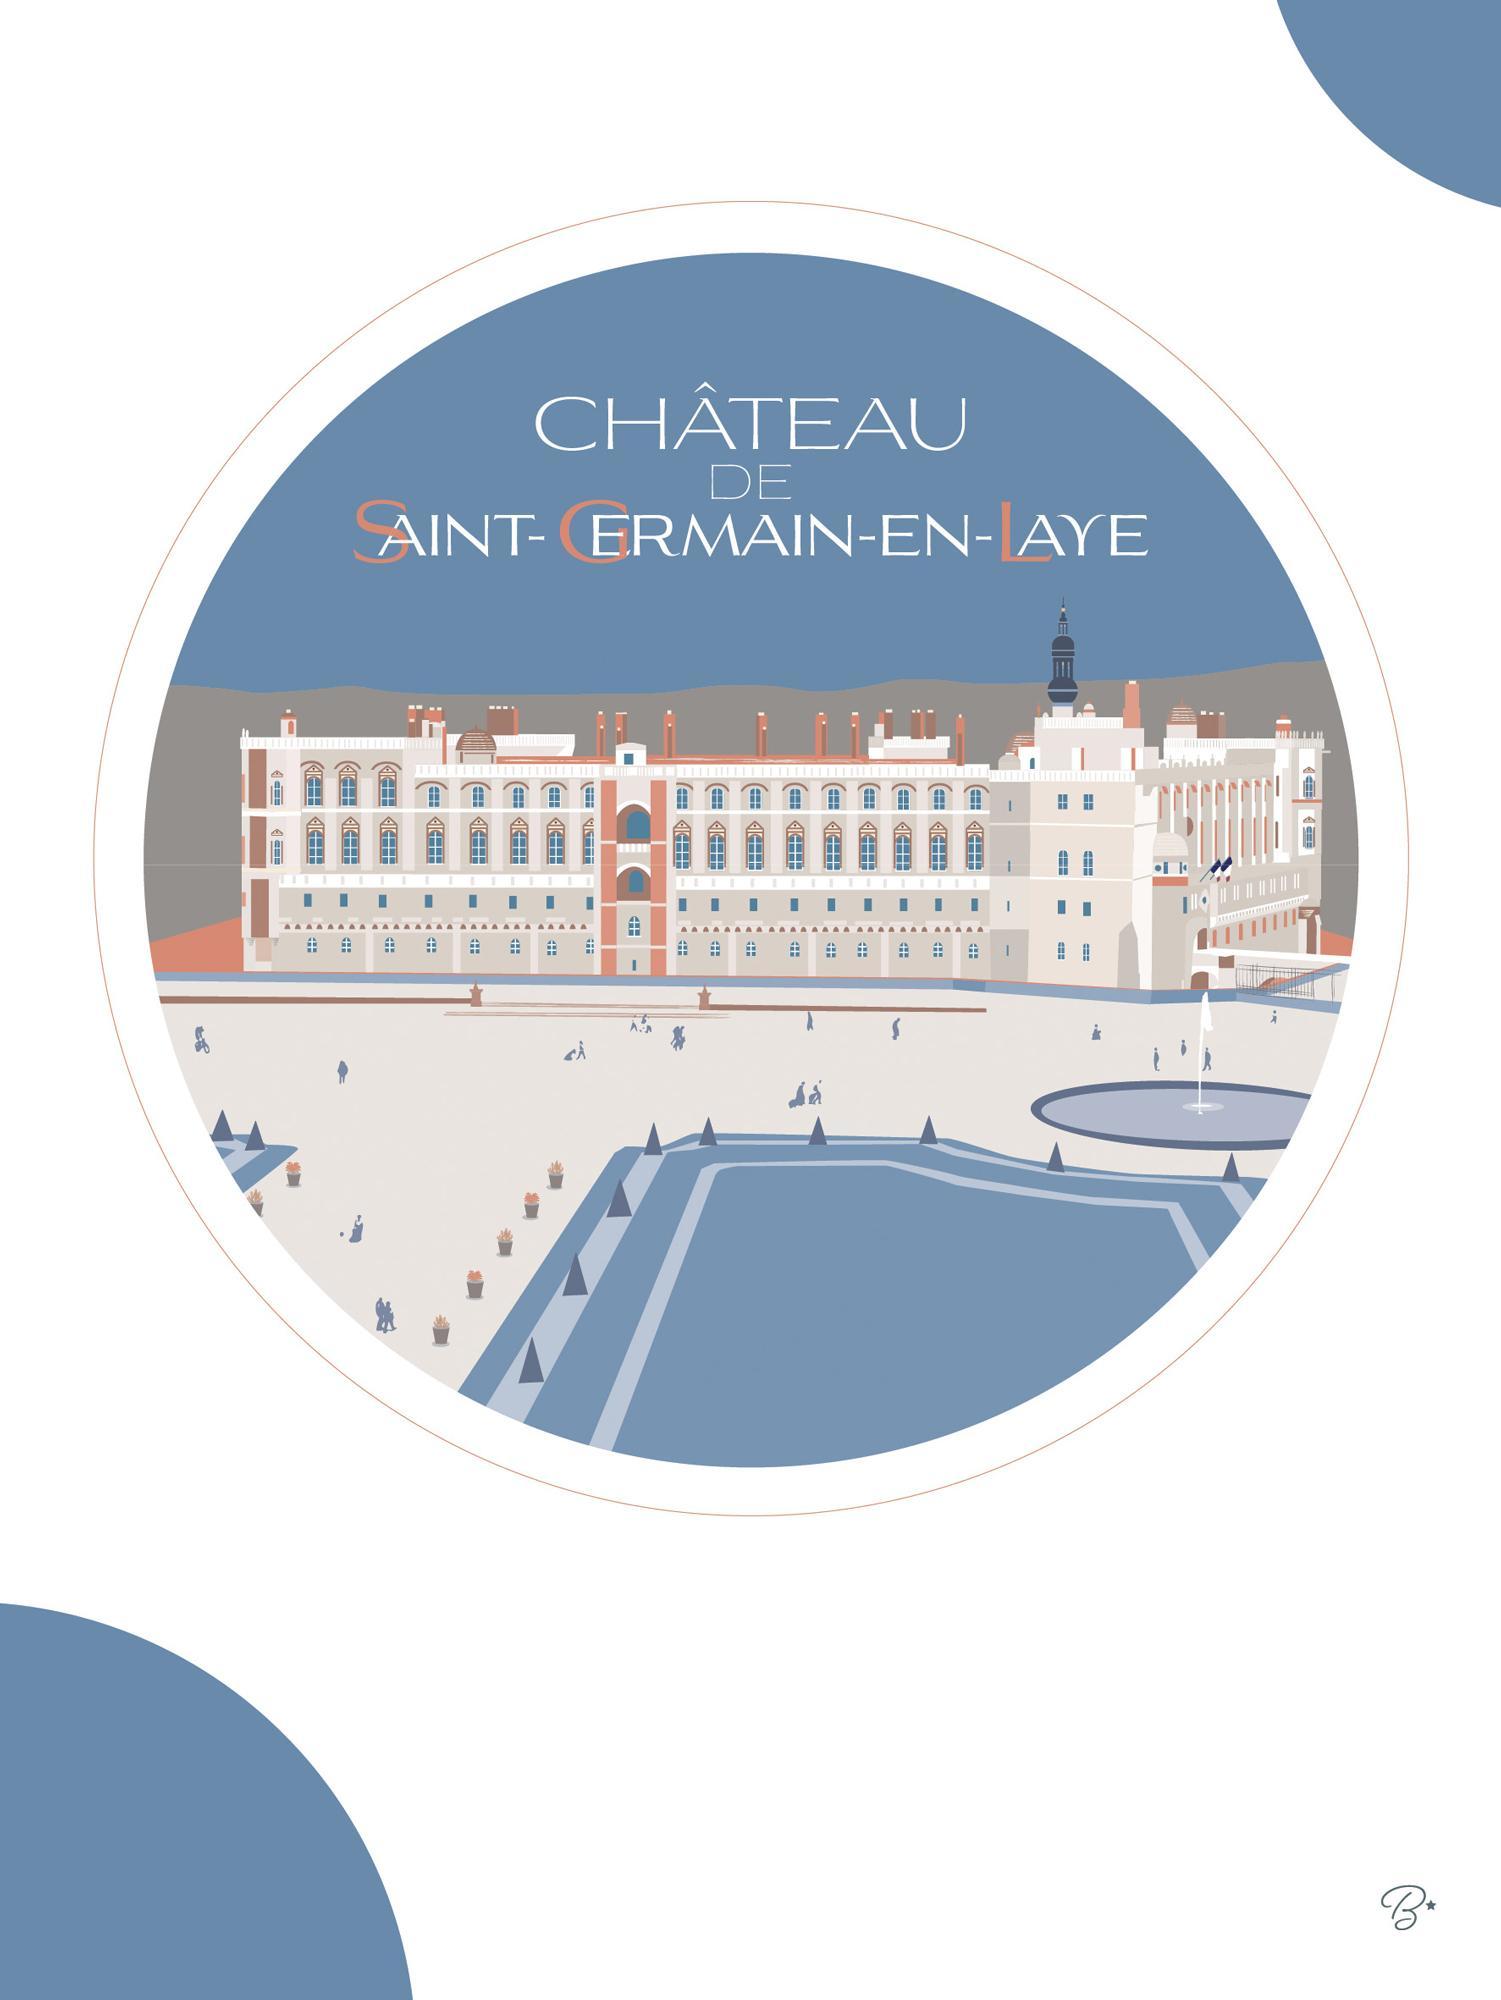 Chateau-bulles-bleus